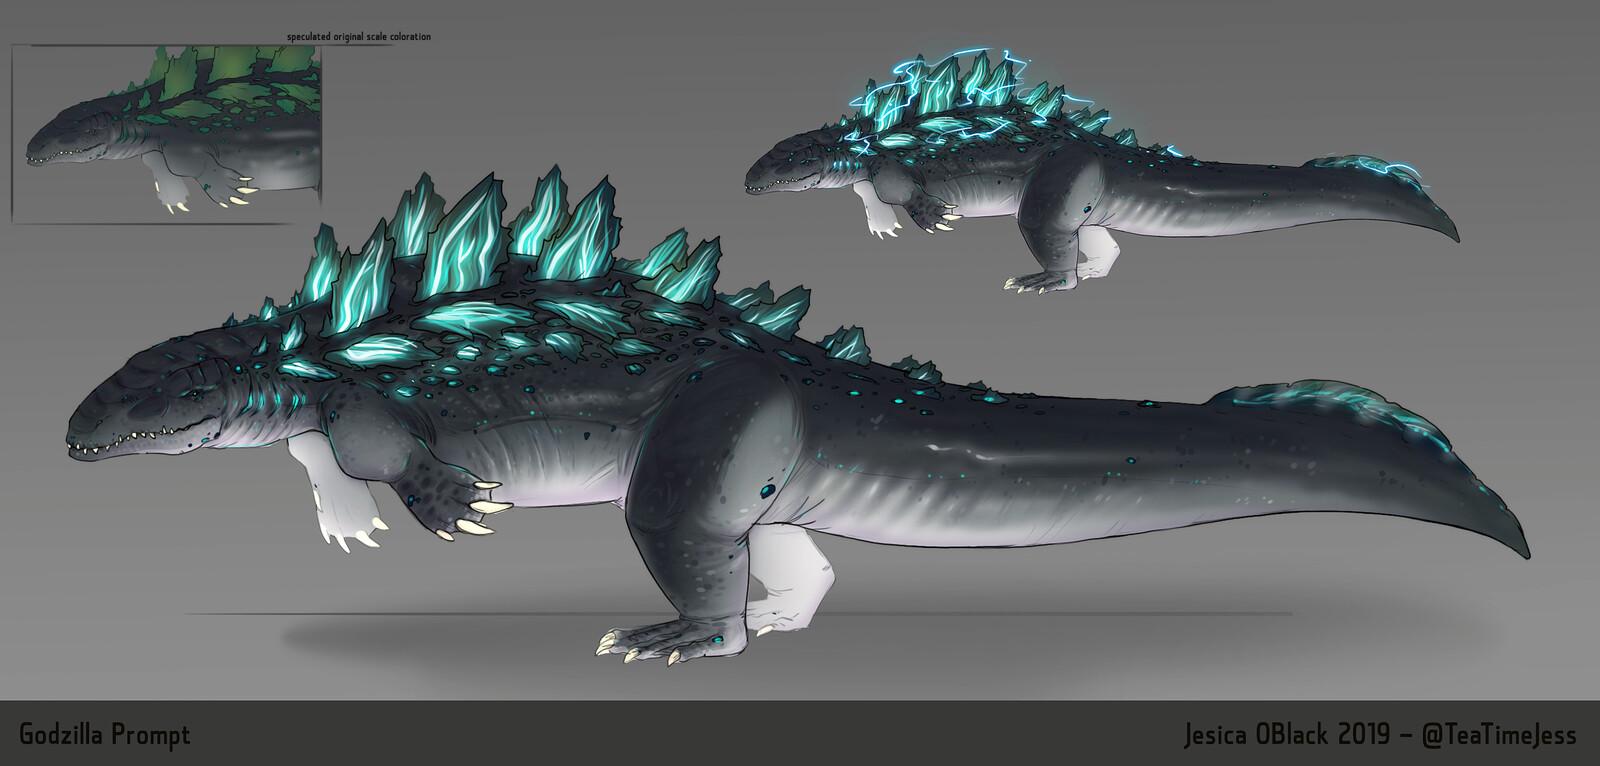 Godzilla Redesign Prompt